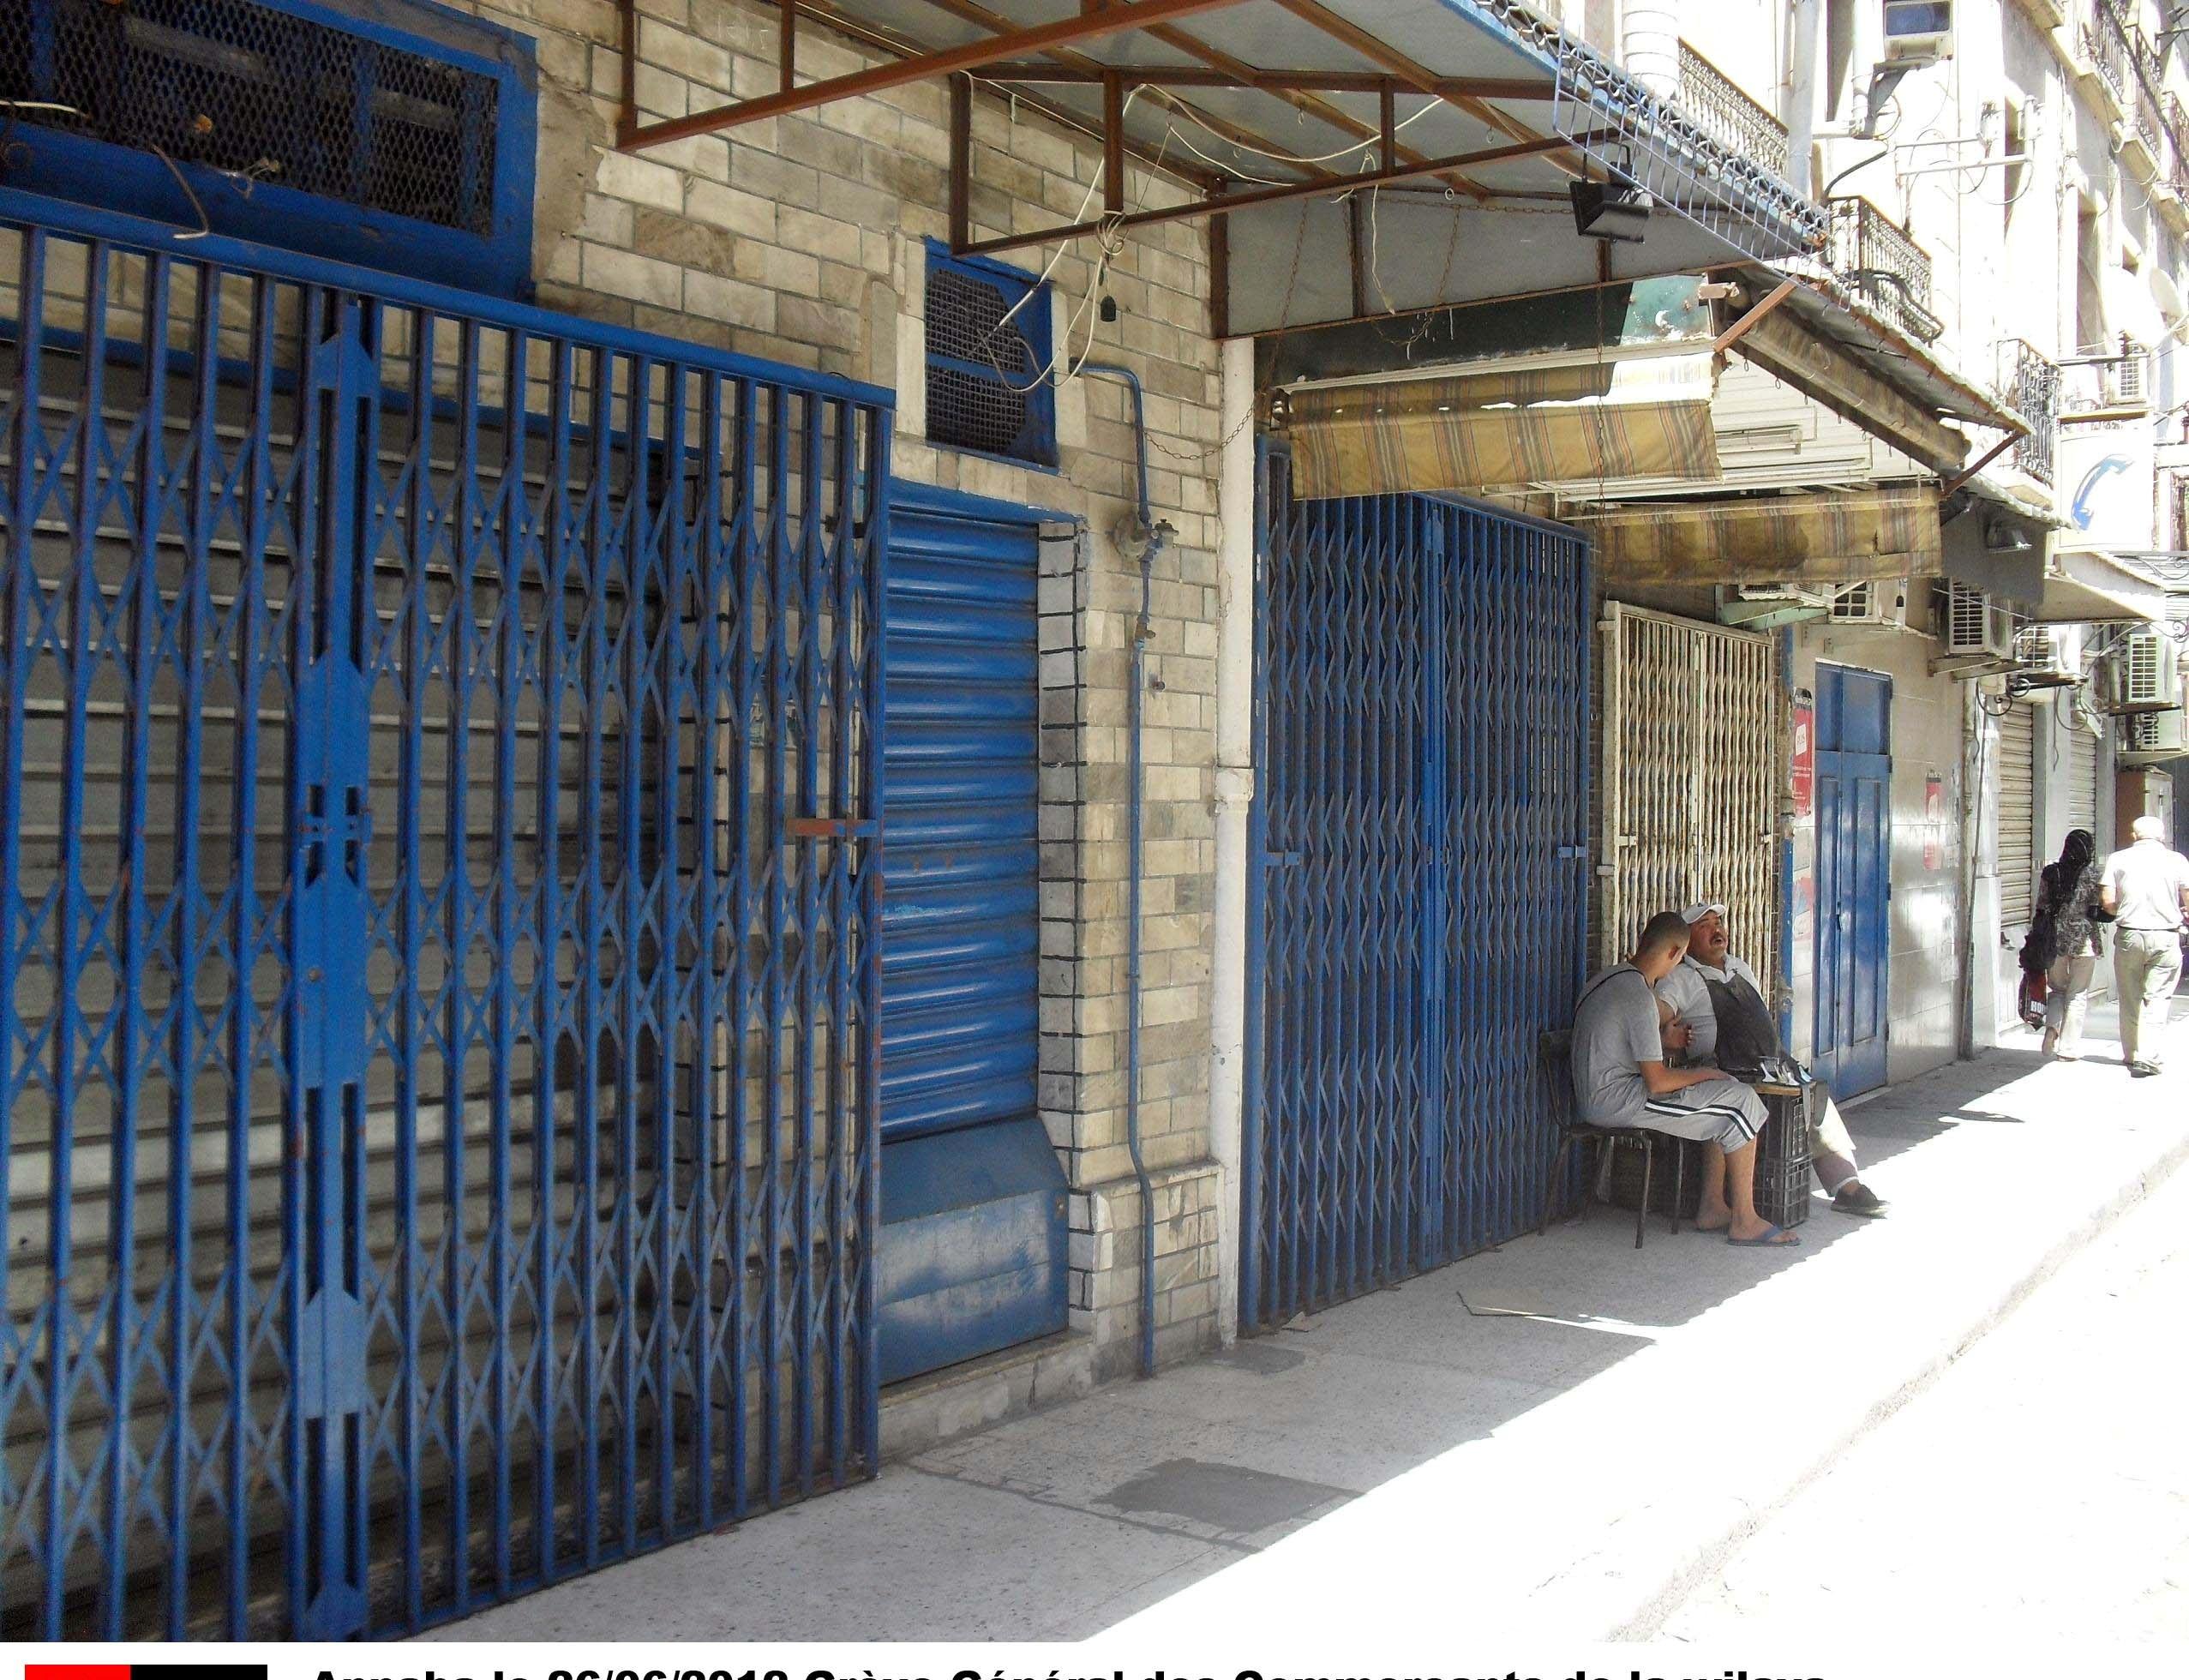 Hormis les pharmacies, le reste des magasins et les restaurants sont fermés. Archives/New Press